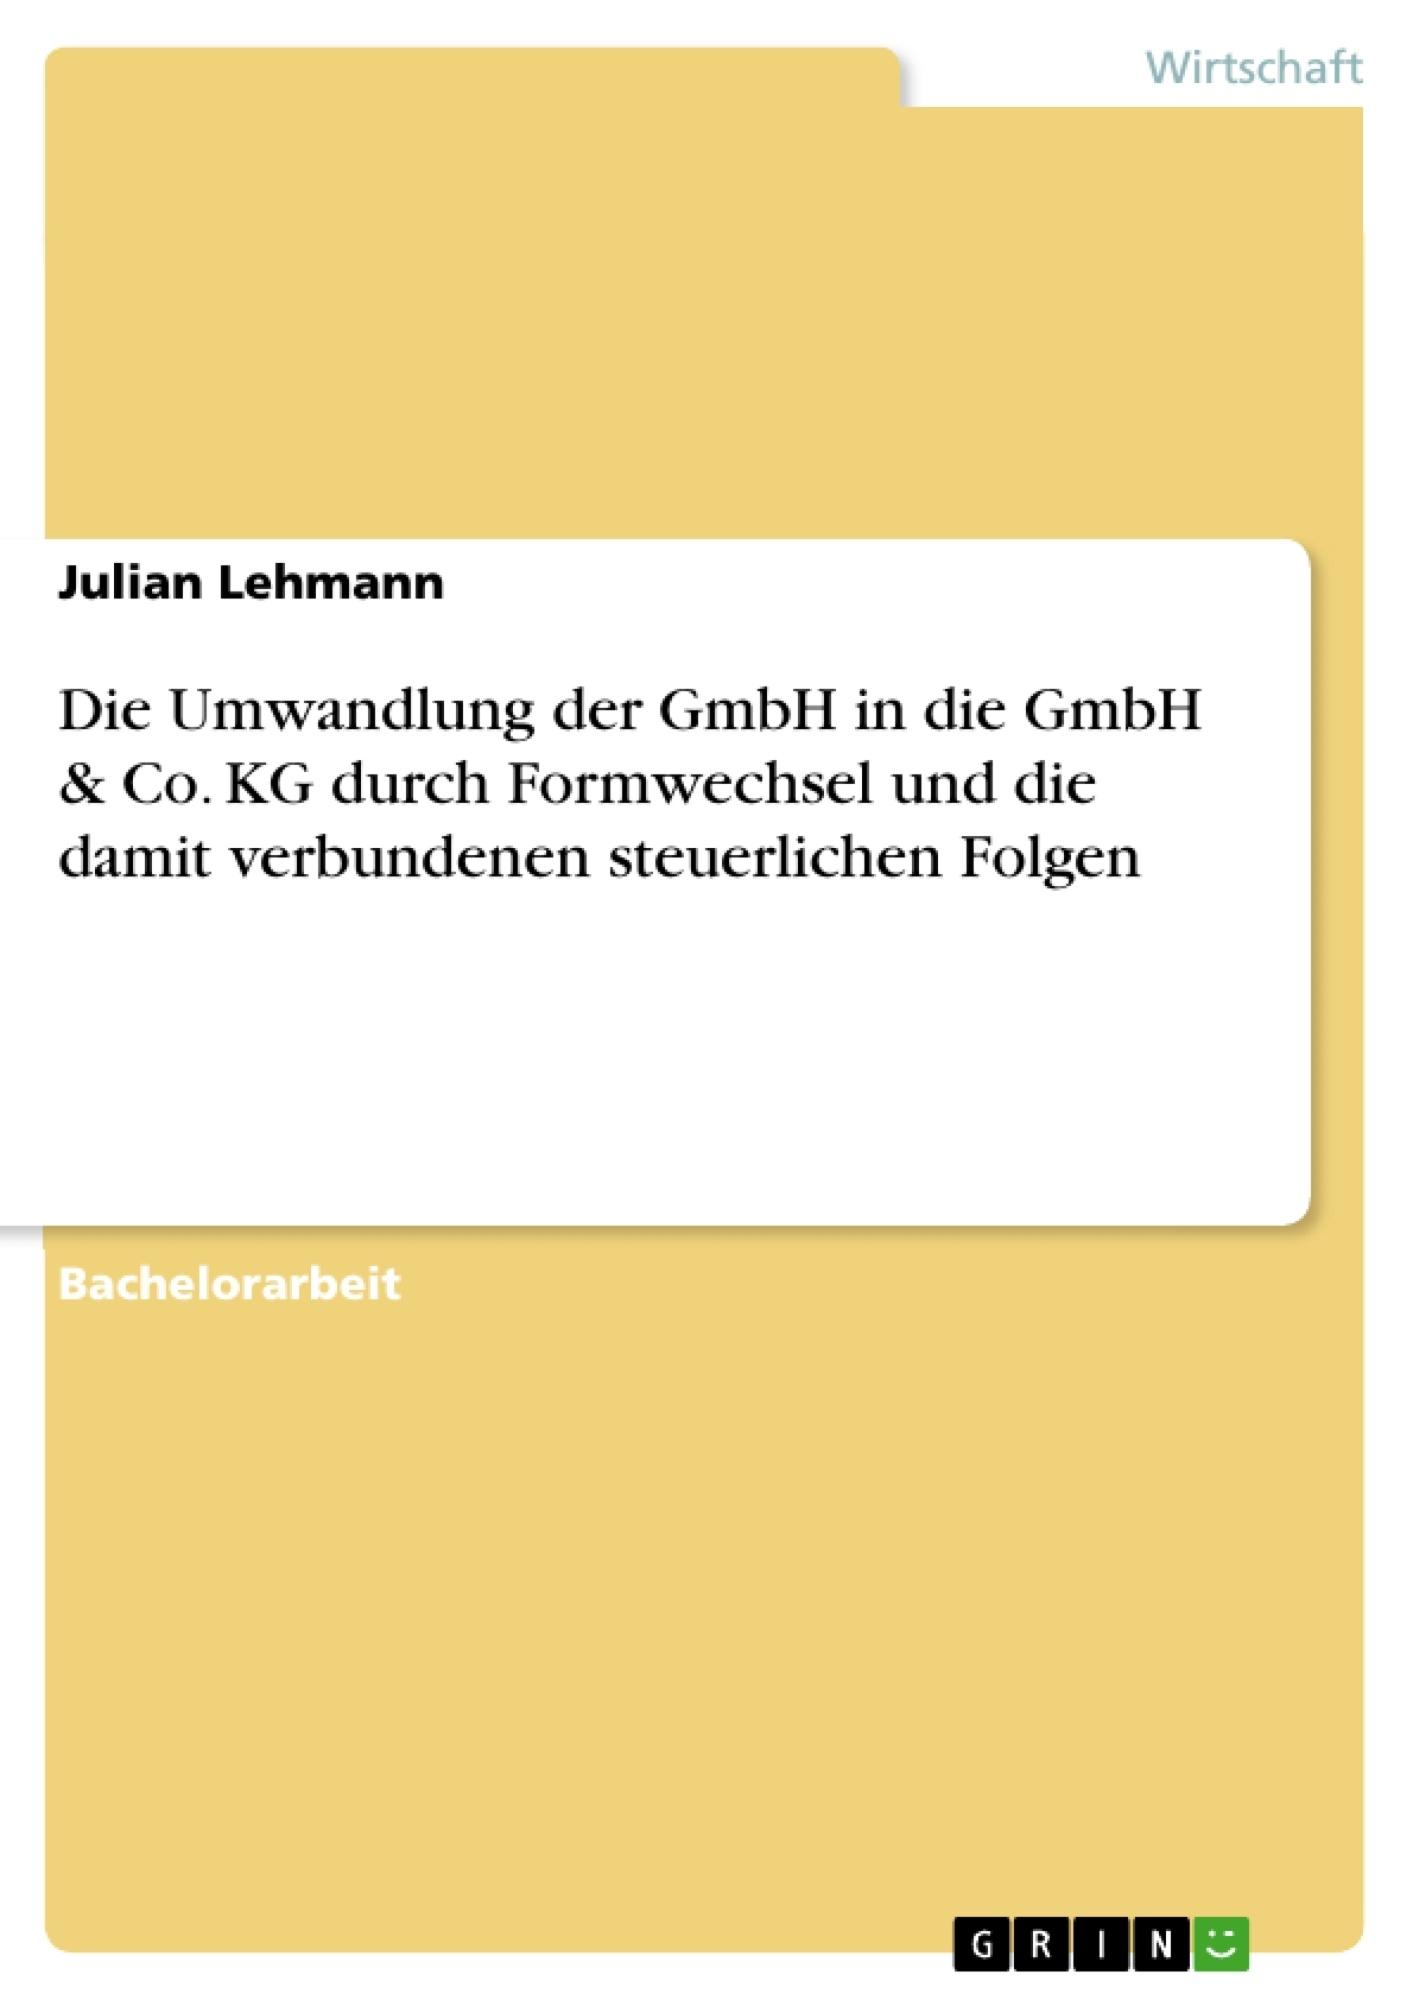 Titel: Die Umwandlung der GmbH in die GmbH & Co. KG durch Formwechsel und die damit verbundenen steuerlichen Folgen